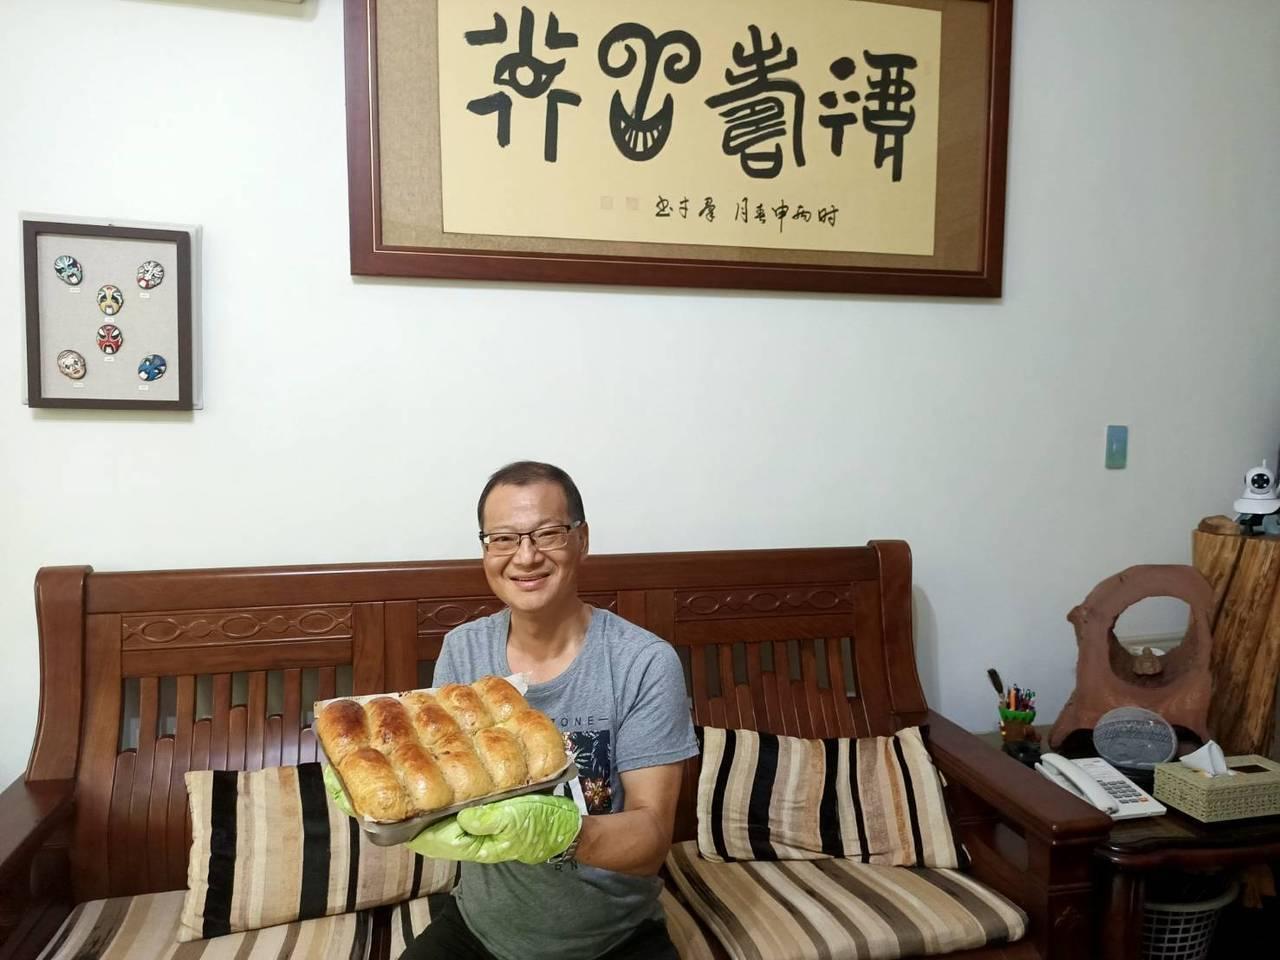 退休9個月的黃振宏,閒暇時也做麵包、糕點,深獲親友好評。 圖/黃振宏提供